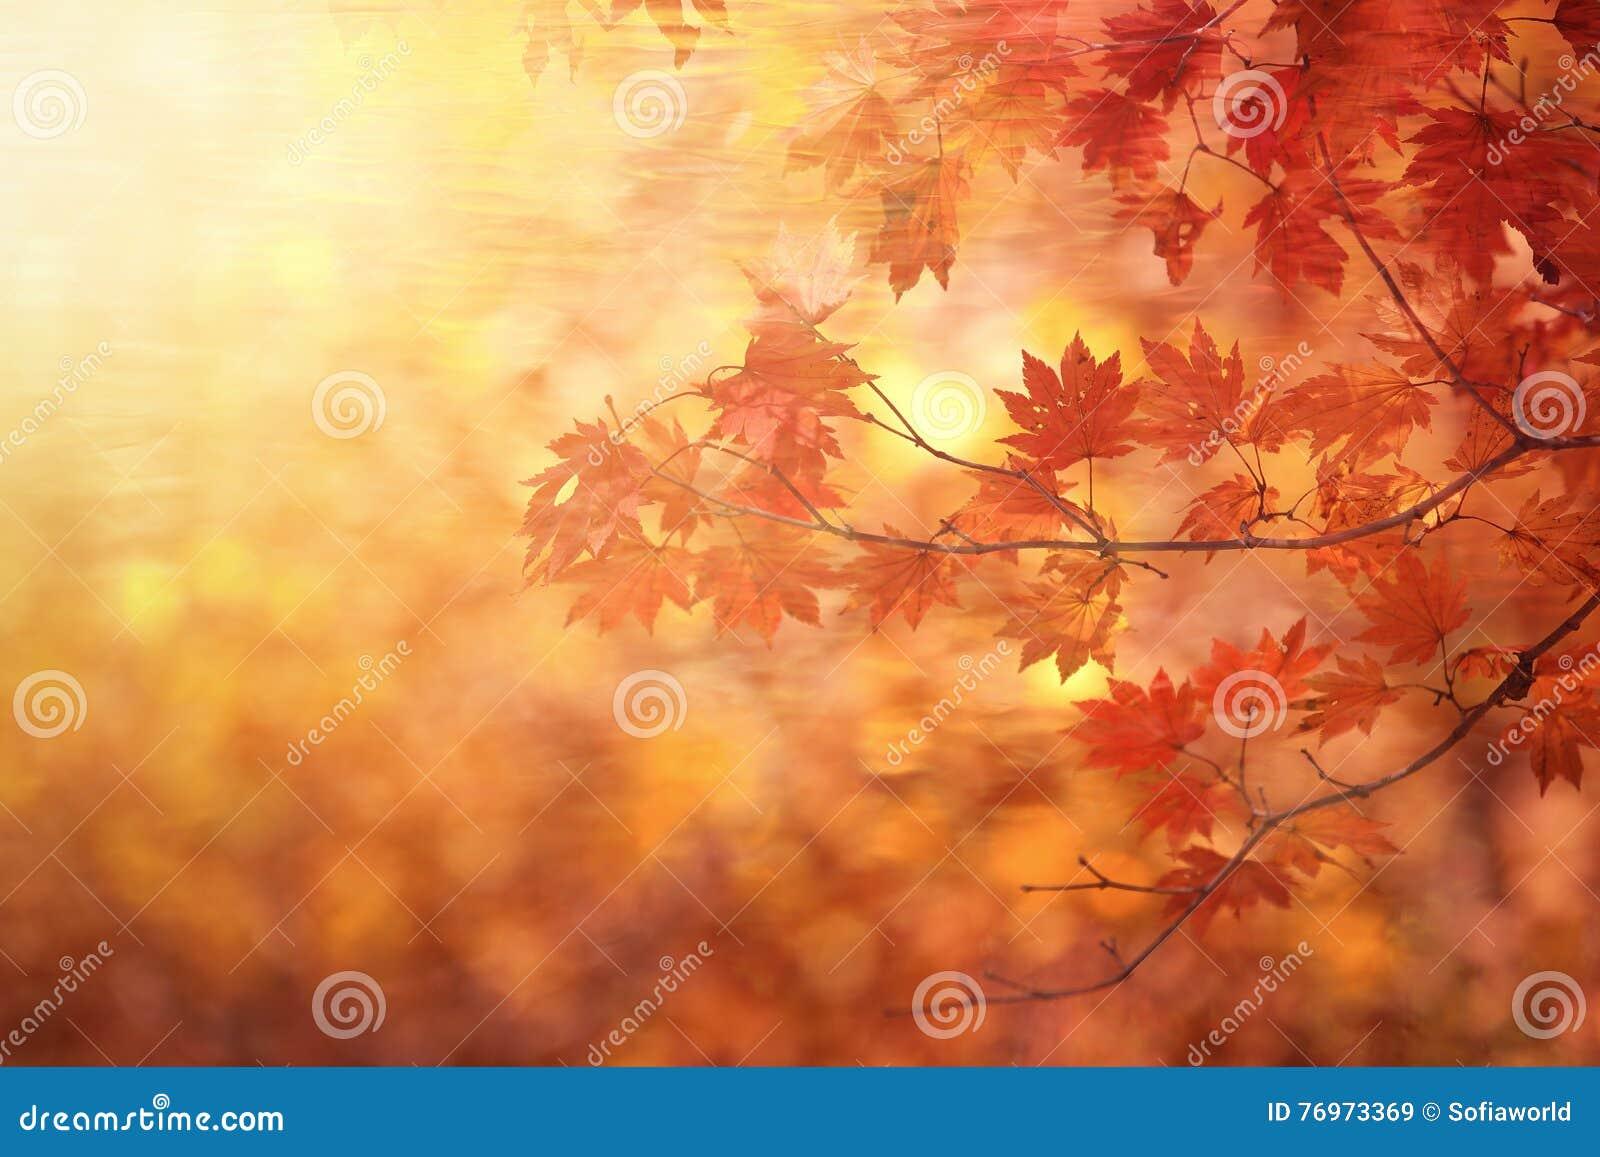 Abstract de herfstbos